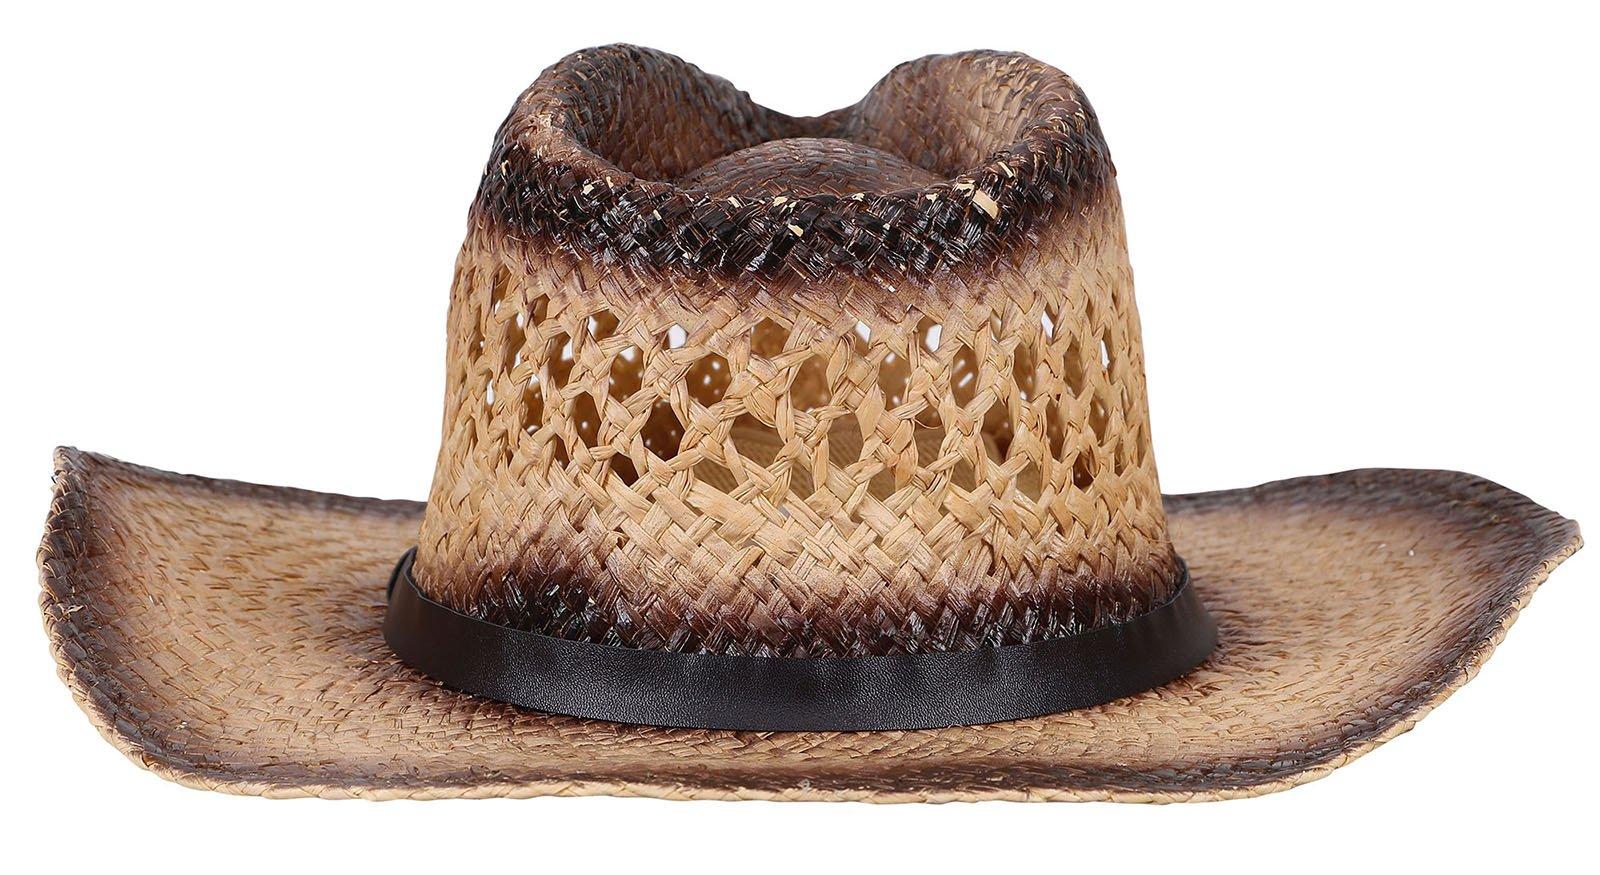 Livingston Men & Women's Woven Straw Cowboy Hat w/Hat Band